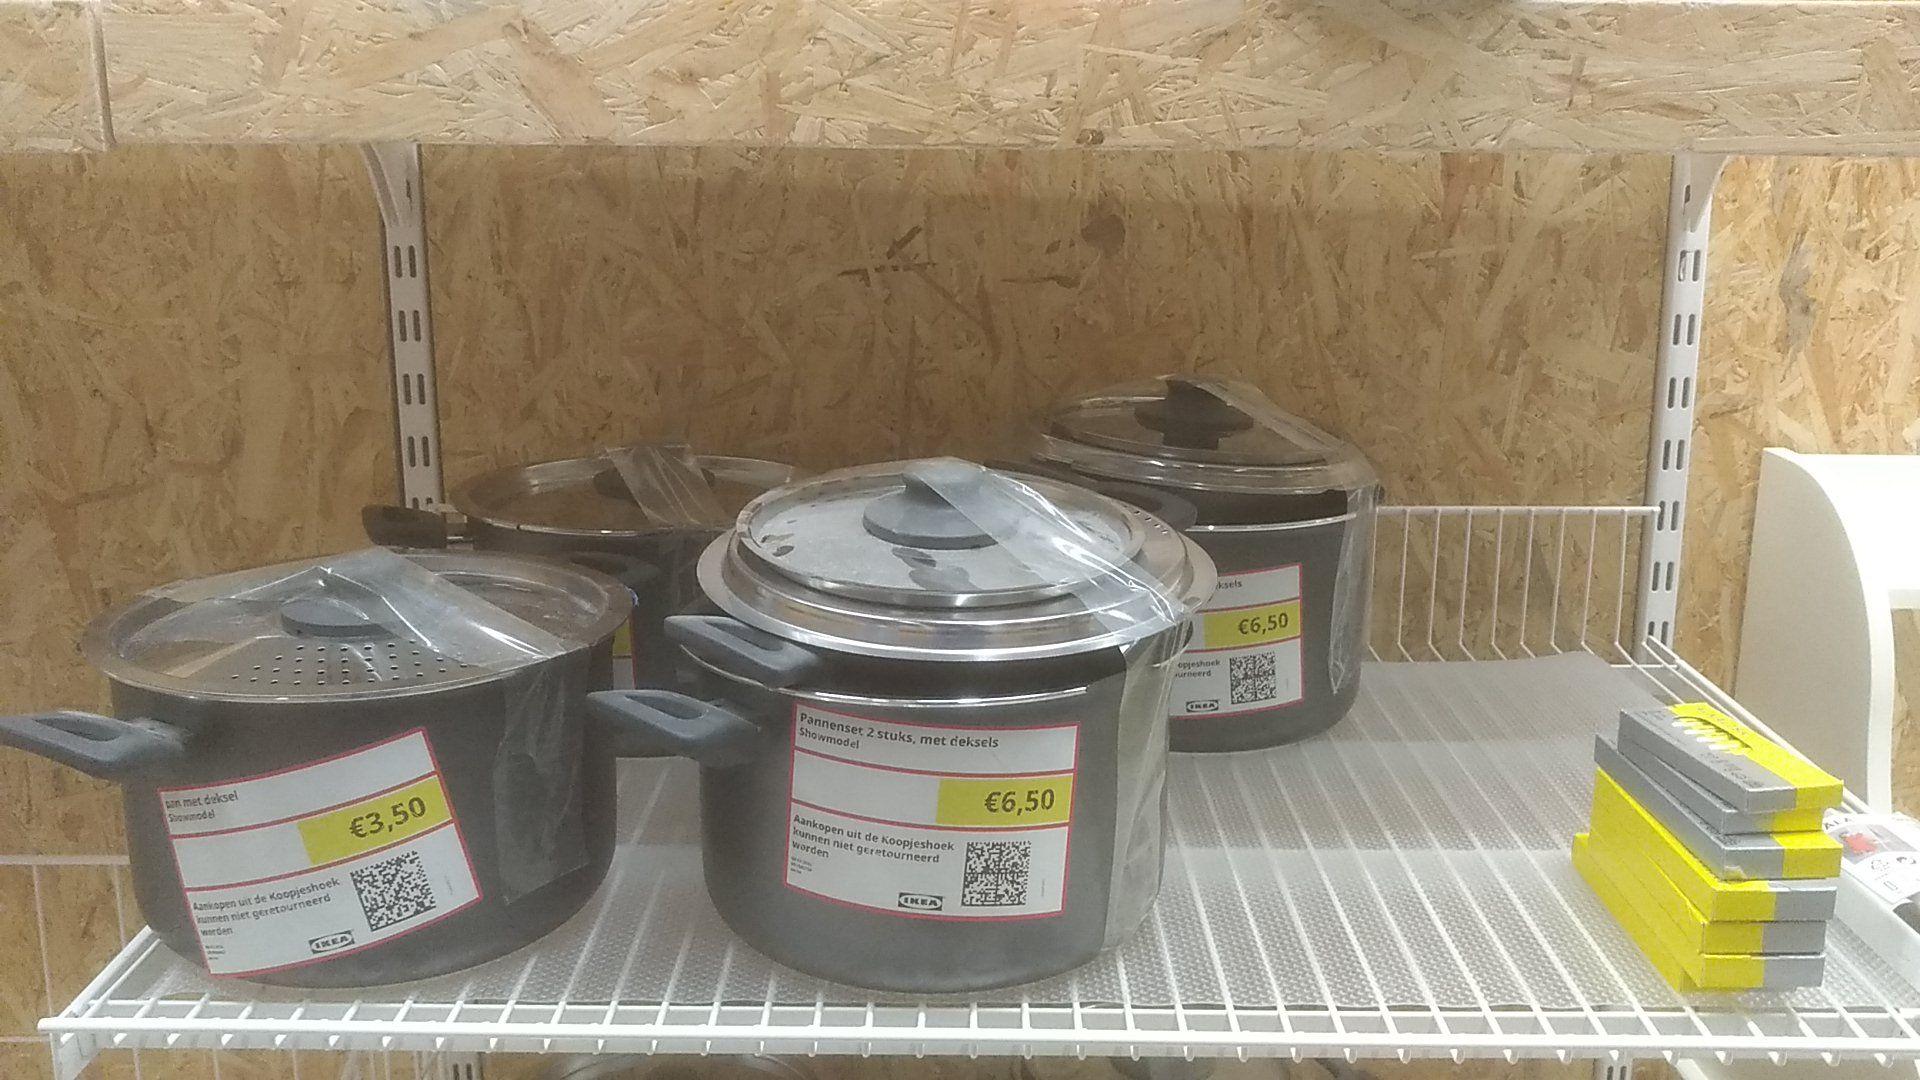 Veel pannen voor €3,25/€3,50 per stuk bij Ikea Zwolle